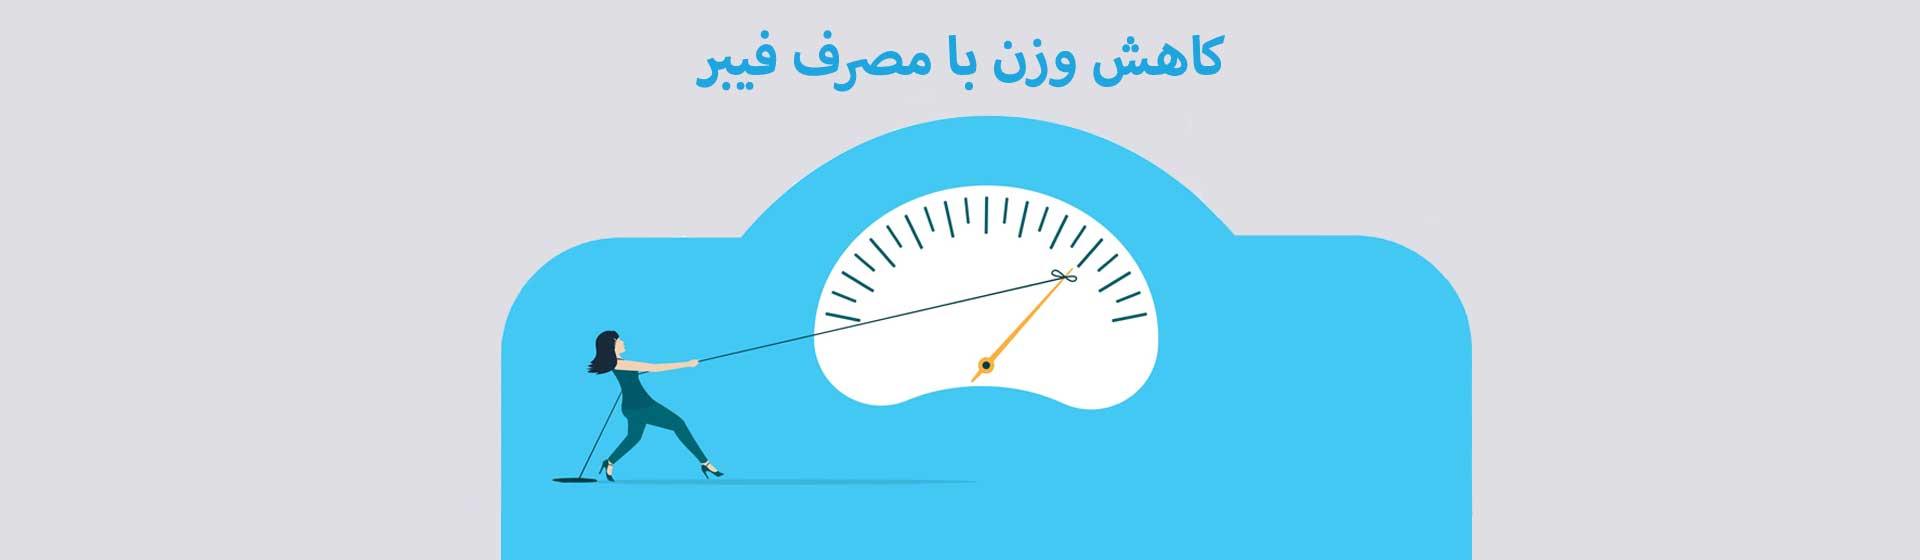 کاهش وزن با مصرف فیبر